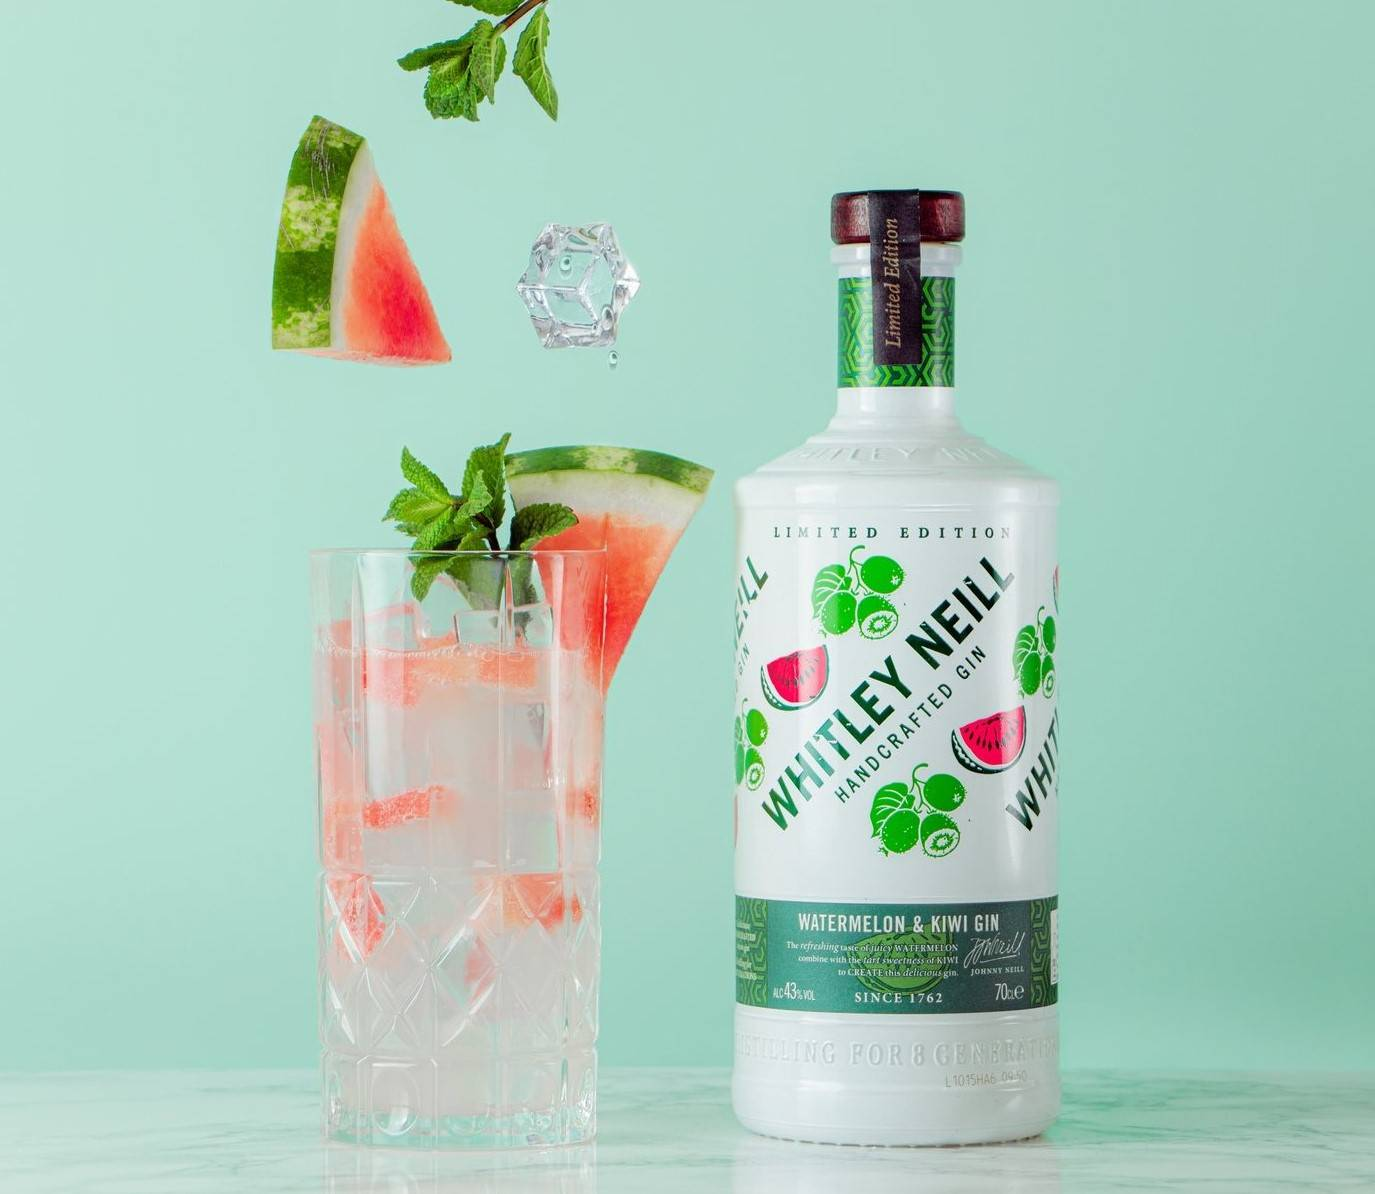 Obrázok k ginu Whitley Neill Watermelon & Kiwi Gin